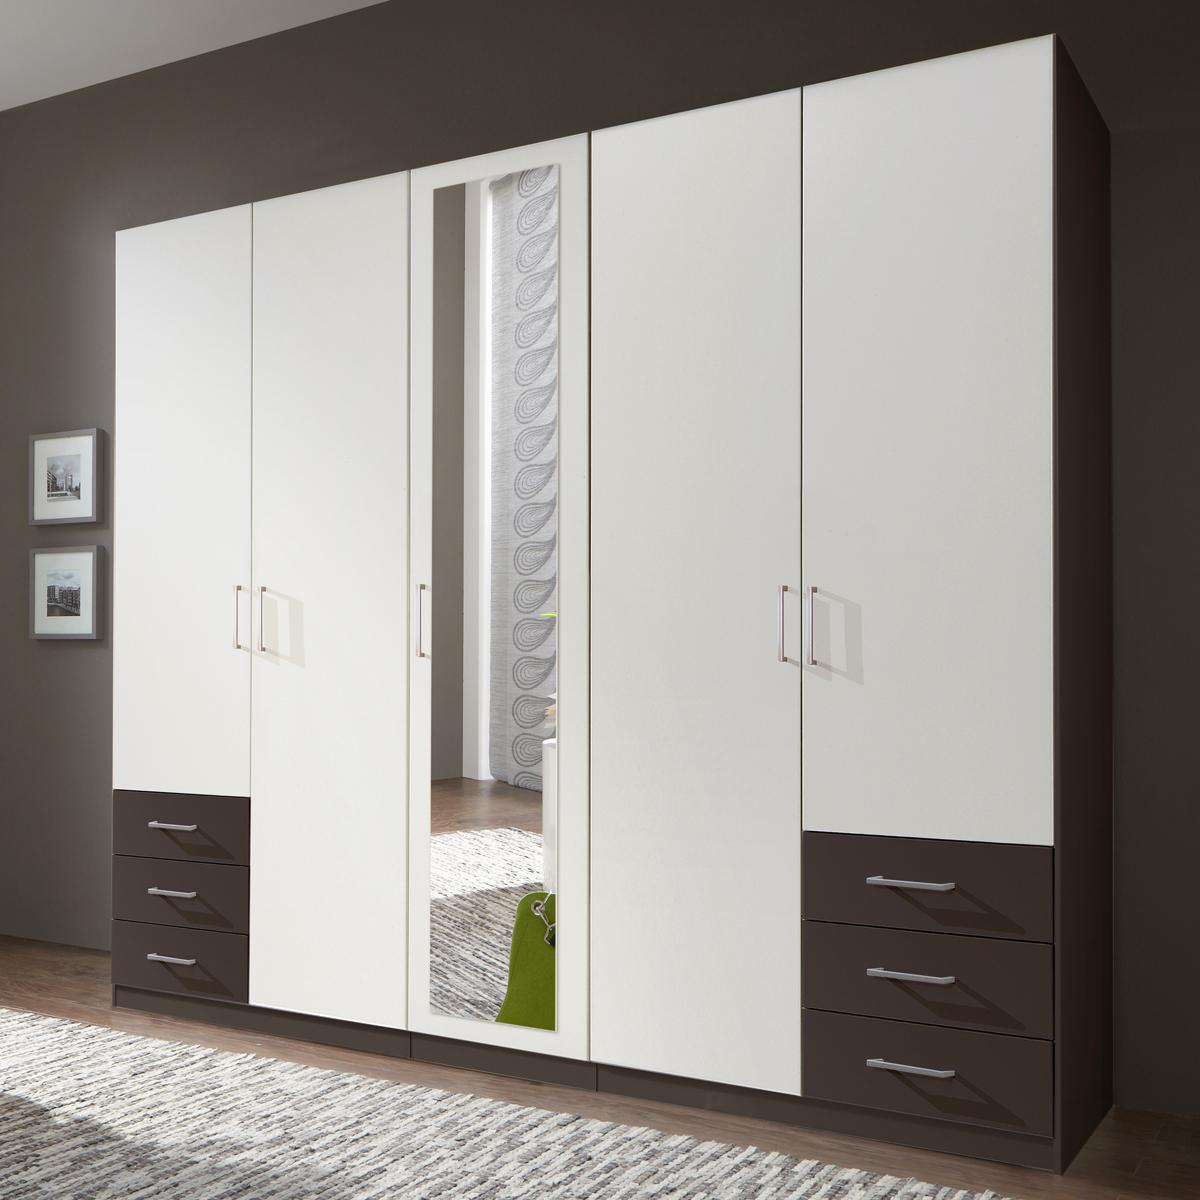 kleiderschrank f gen alpinwei und lava schrank mit spiegel dreht renschrank eur 278 95. Black Bedroom Furniture Sets. Home Design Ideas